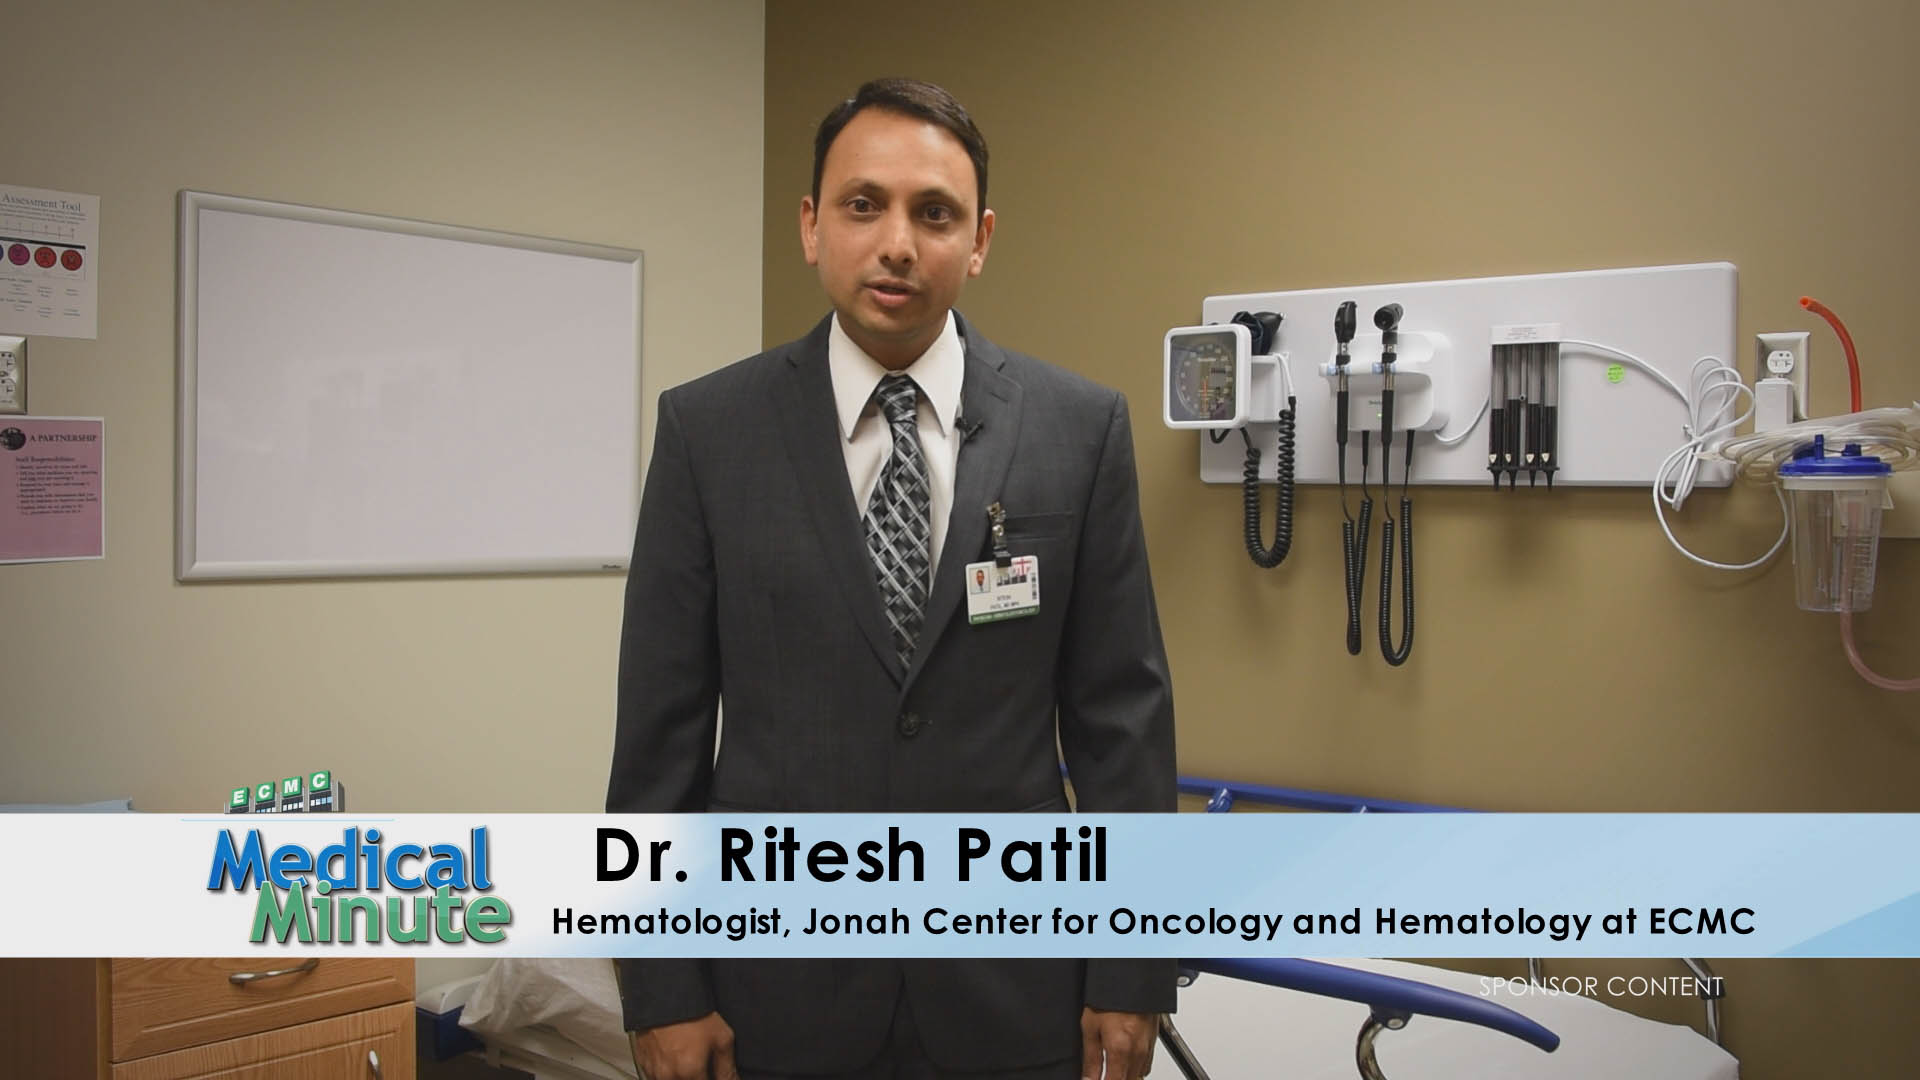 ECMC Medical Minute Dr. Patil Vitamin B-12 Deficiency 02.13.17